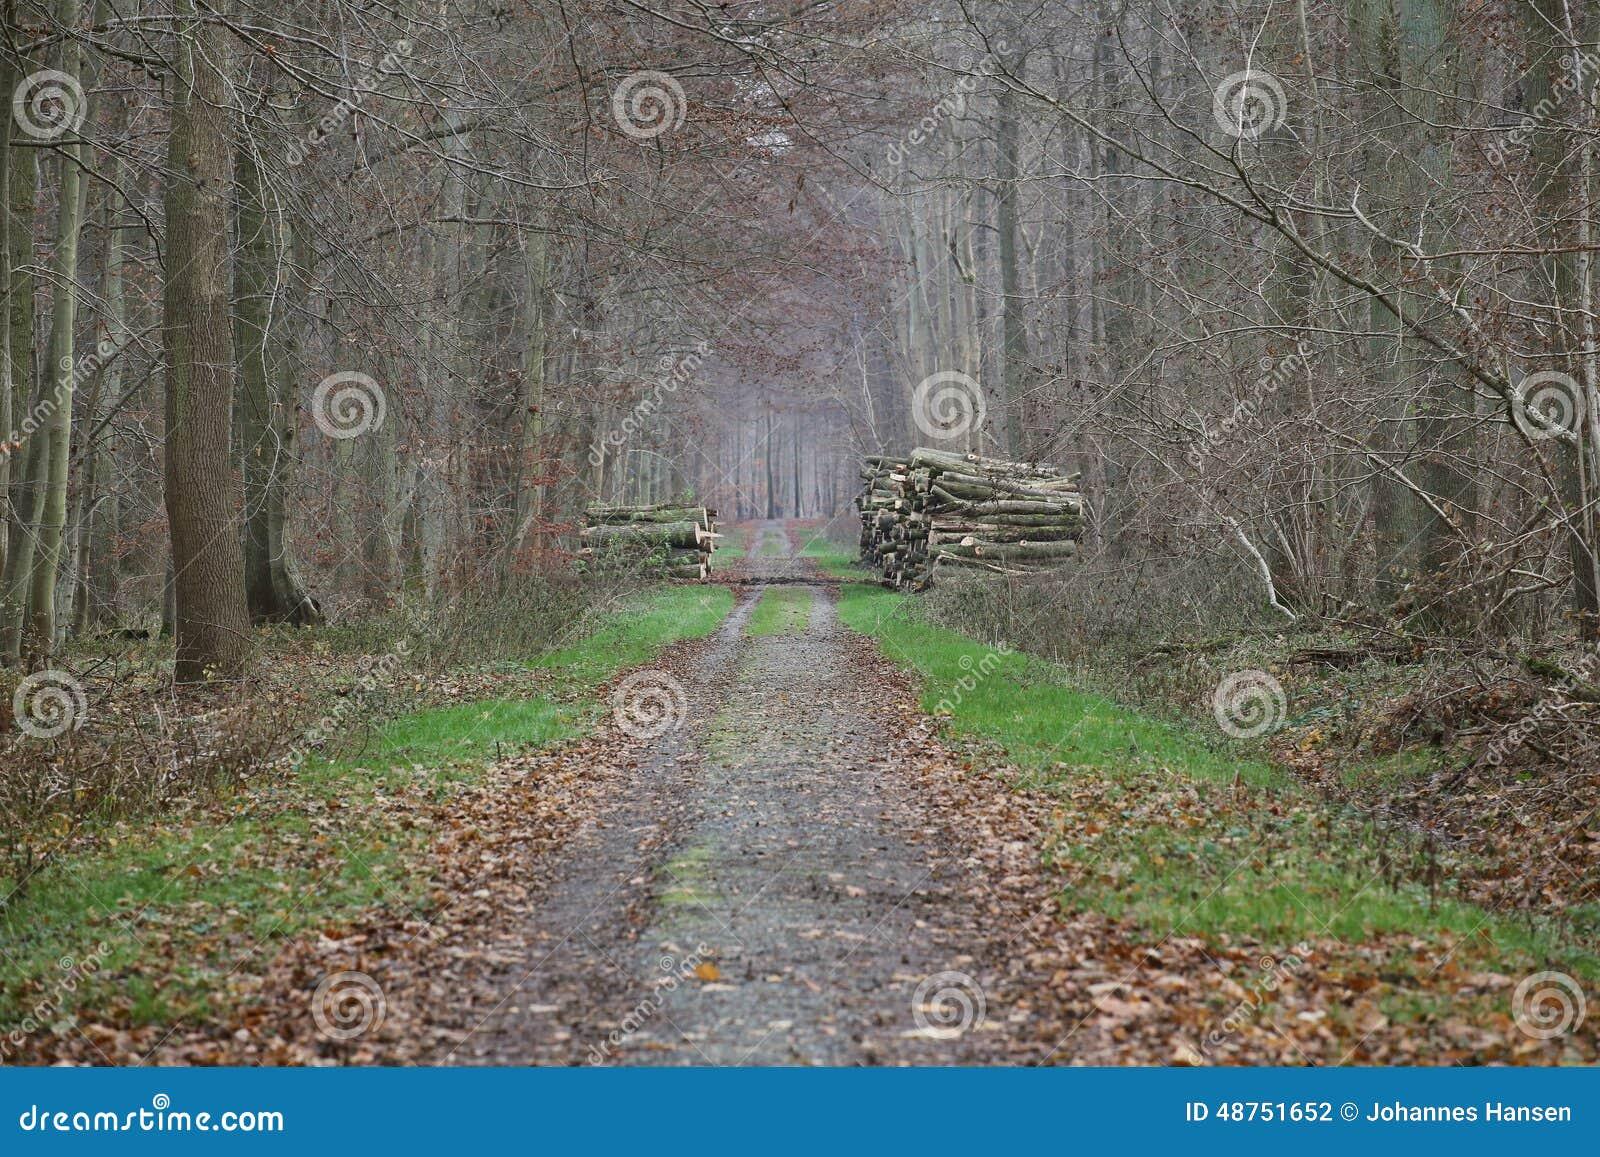 Сагалова подобрали на дороге в лесу с тремя фаллоимитаторы